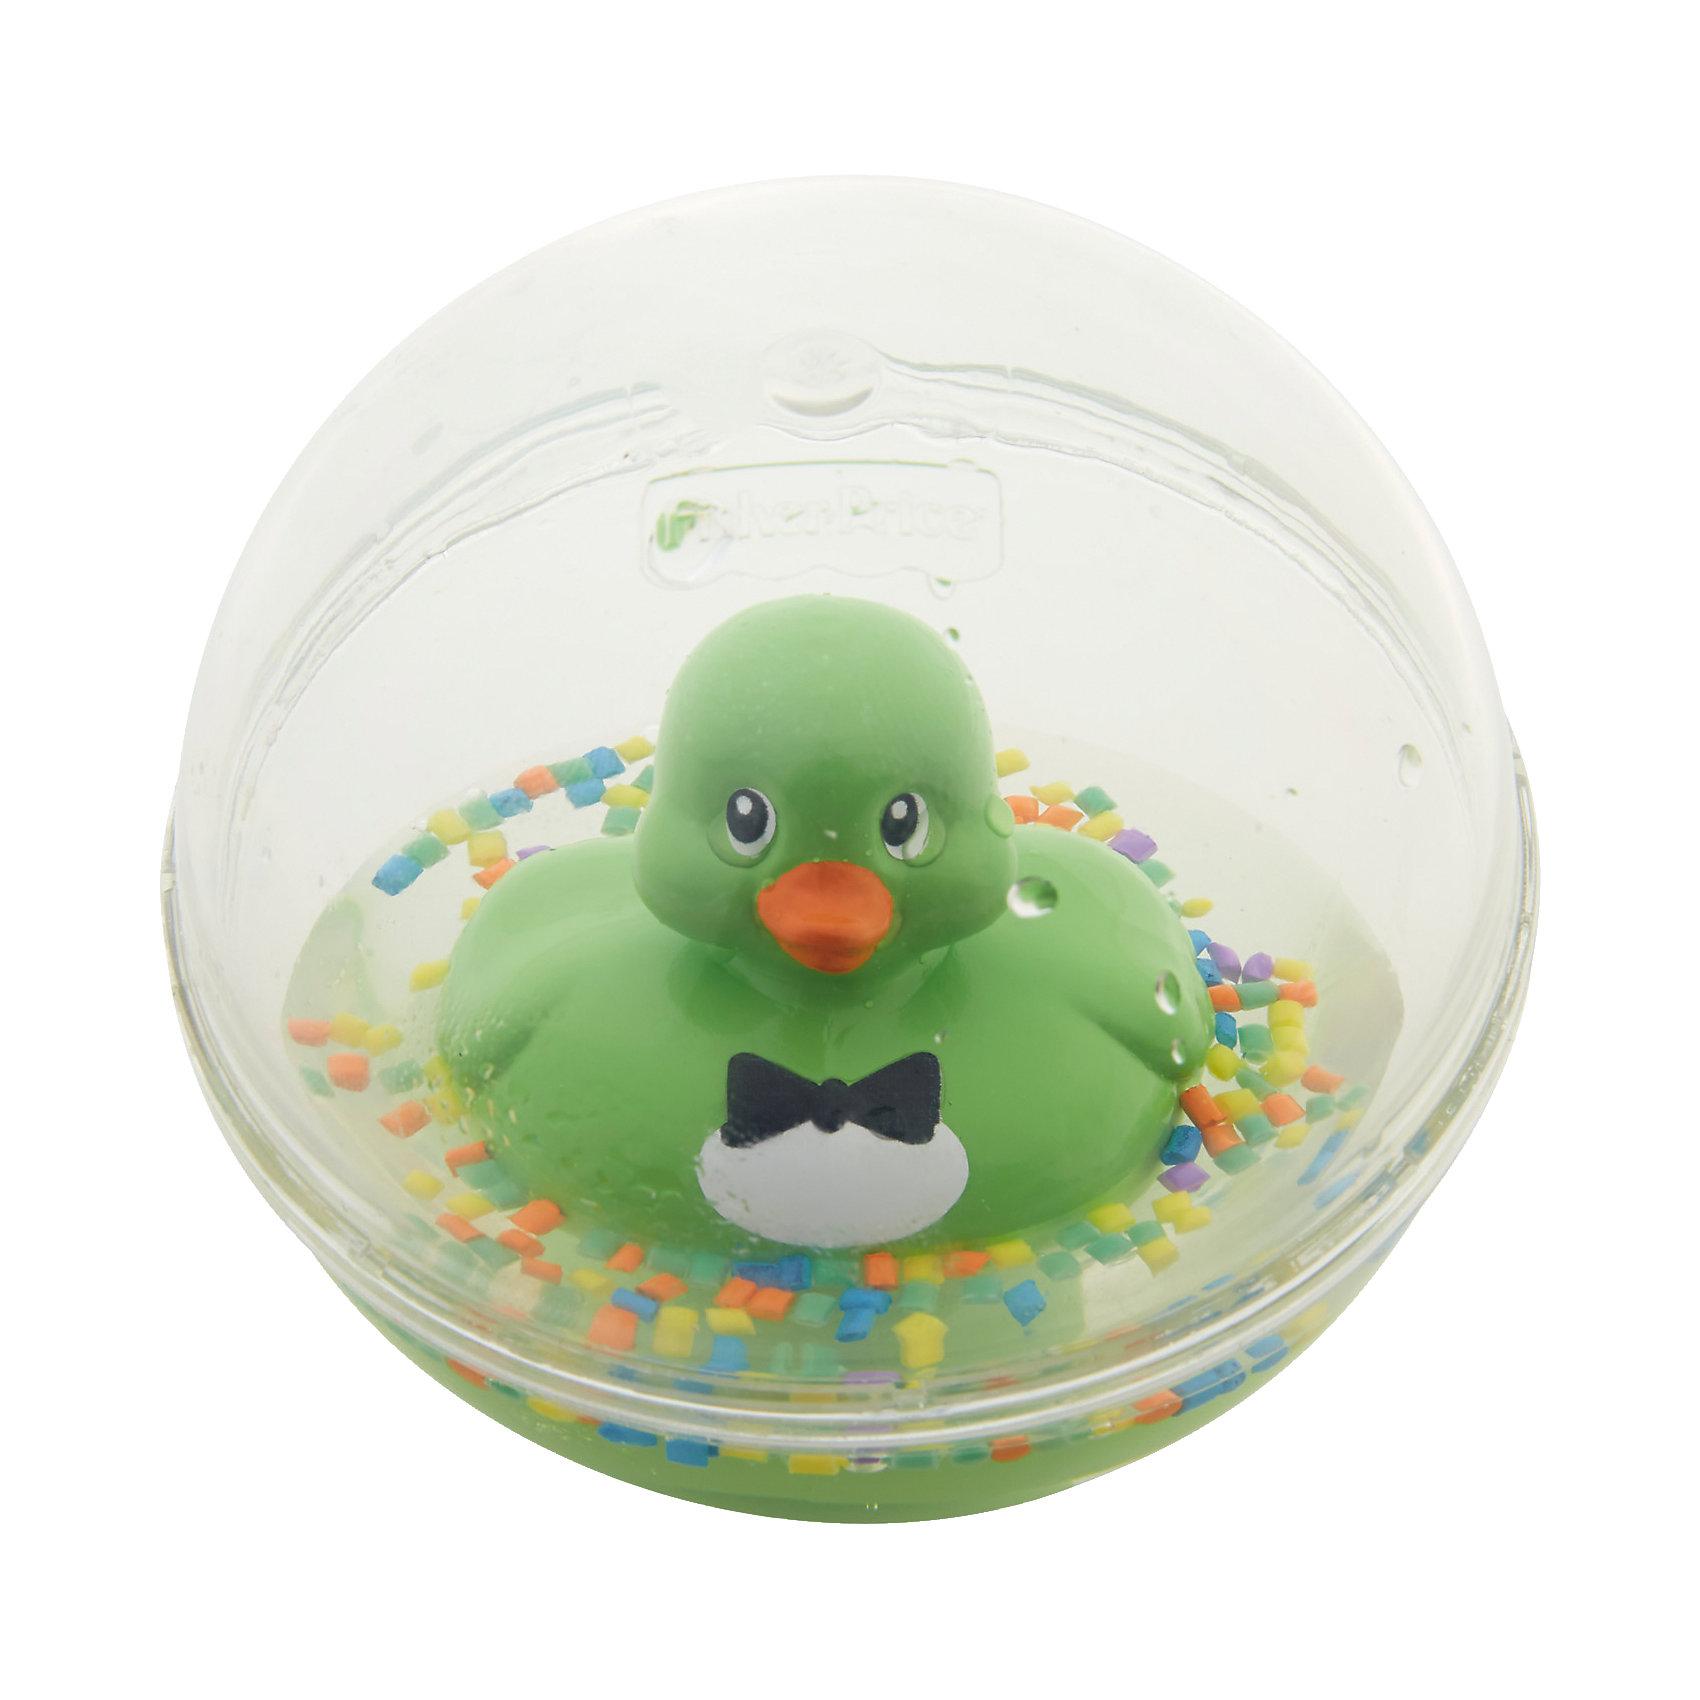 Развивающая игрушка Уточка с плавающими шариками, зеленая, Fisher PriceРазвивающие игрушки<br>Характеристики товара:<br><br>• возраст от 3 месяцев;<br>• материал: пластик;<br>• диаметр 8,5 см;<br>• размер упаковки 16х13,5х10 см;<br>• вес упаковки 300 гр.;<br>• страна производитель: Китай.<br><br>Развивающая игрушка Уточка с плавающими шариками Fisher Price зеленая сделает купание малыша или игру дома забавными и увлекательными. Игрушка выполнена в виде прозрачного шарика с плавающей внутри уточкой, который малыш может толкать, переворачивать, катать. Внутри шарика разноцветные детали, похожие на конфетти. В процессе игры у малыша развиваются мелкая моторика рук, тактильные ощущения, зрительное восприятие.<br><br>Развивающую игрушку Уточка с плавающими шариками Fisher Price зеленую можно приобрести в нашем интернет-магазине.<br><br>Ширина мм: 176<br>Глубина мм: 142<br>Высота мм: 99<br>Вес г: 230<br>Возраст от месяцев: 3<br>Возраст до месяцев: 24<br>Пол: Унисекс<br>Возраст: Детский<br>SKU: 5117319